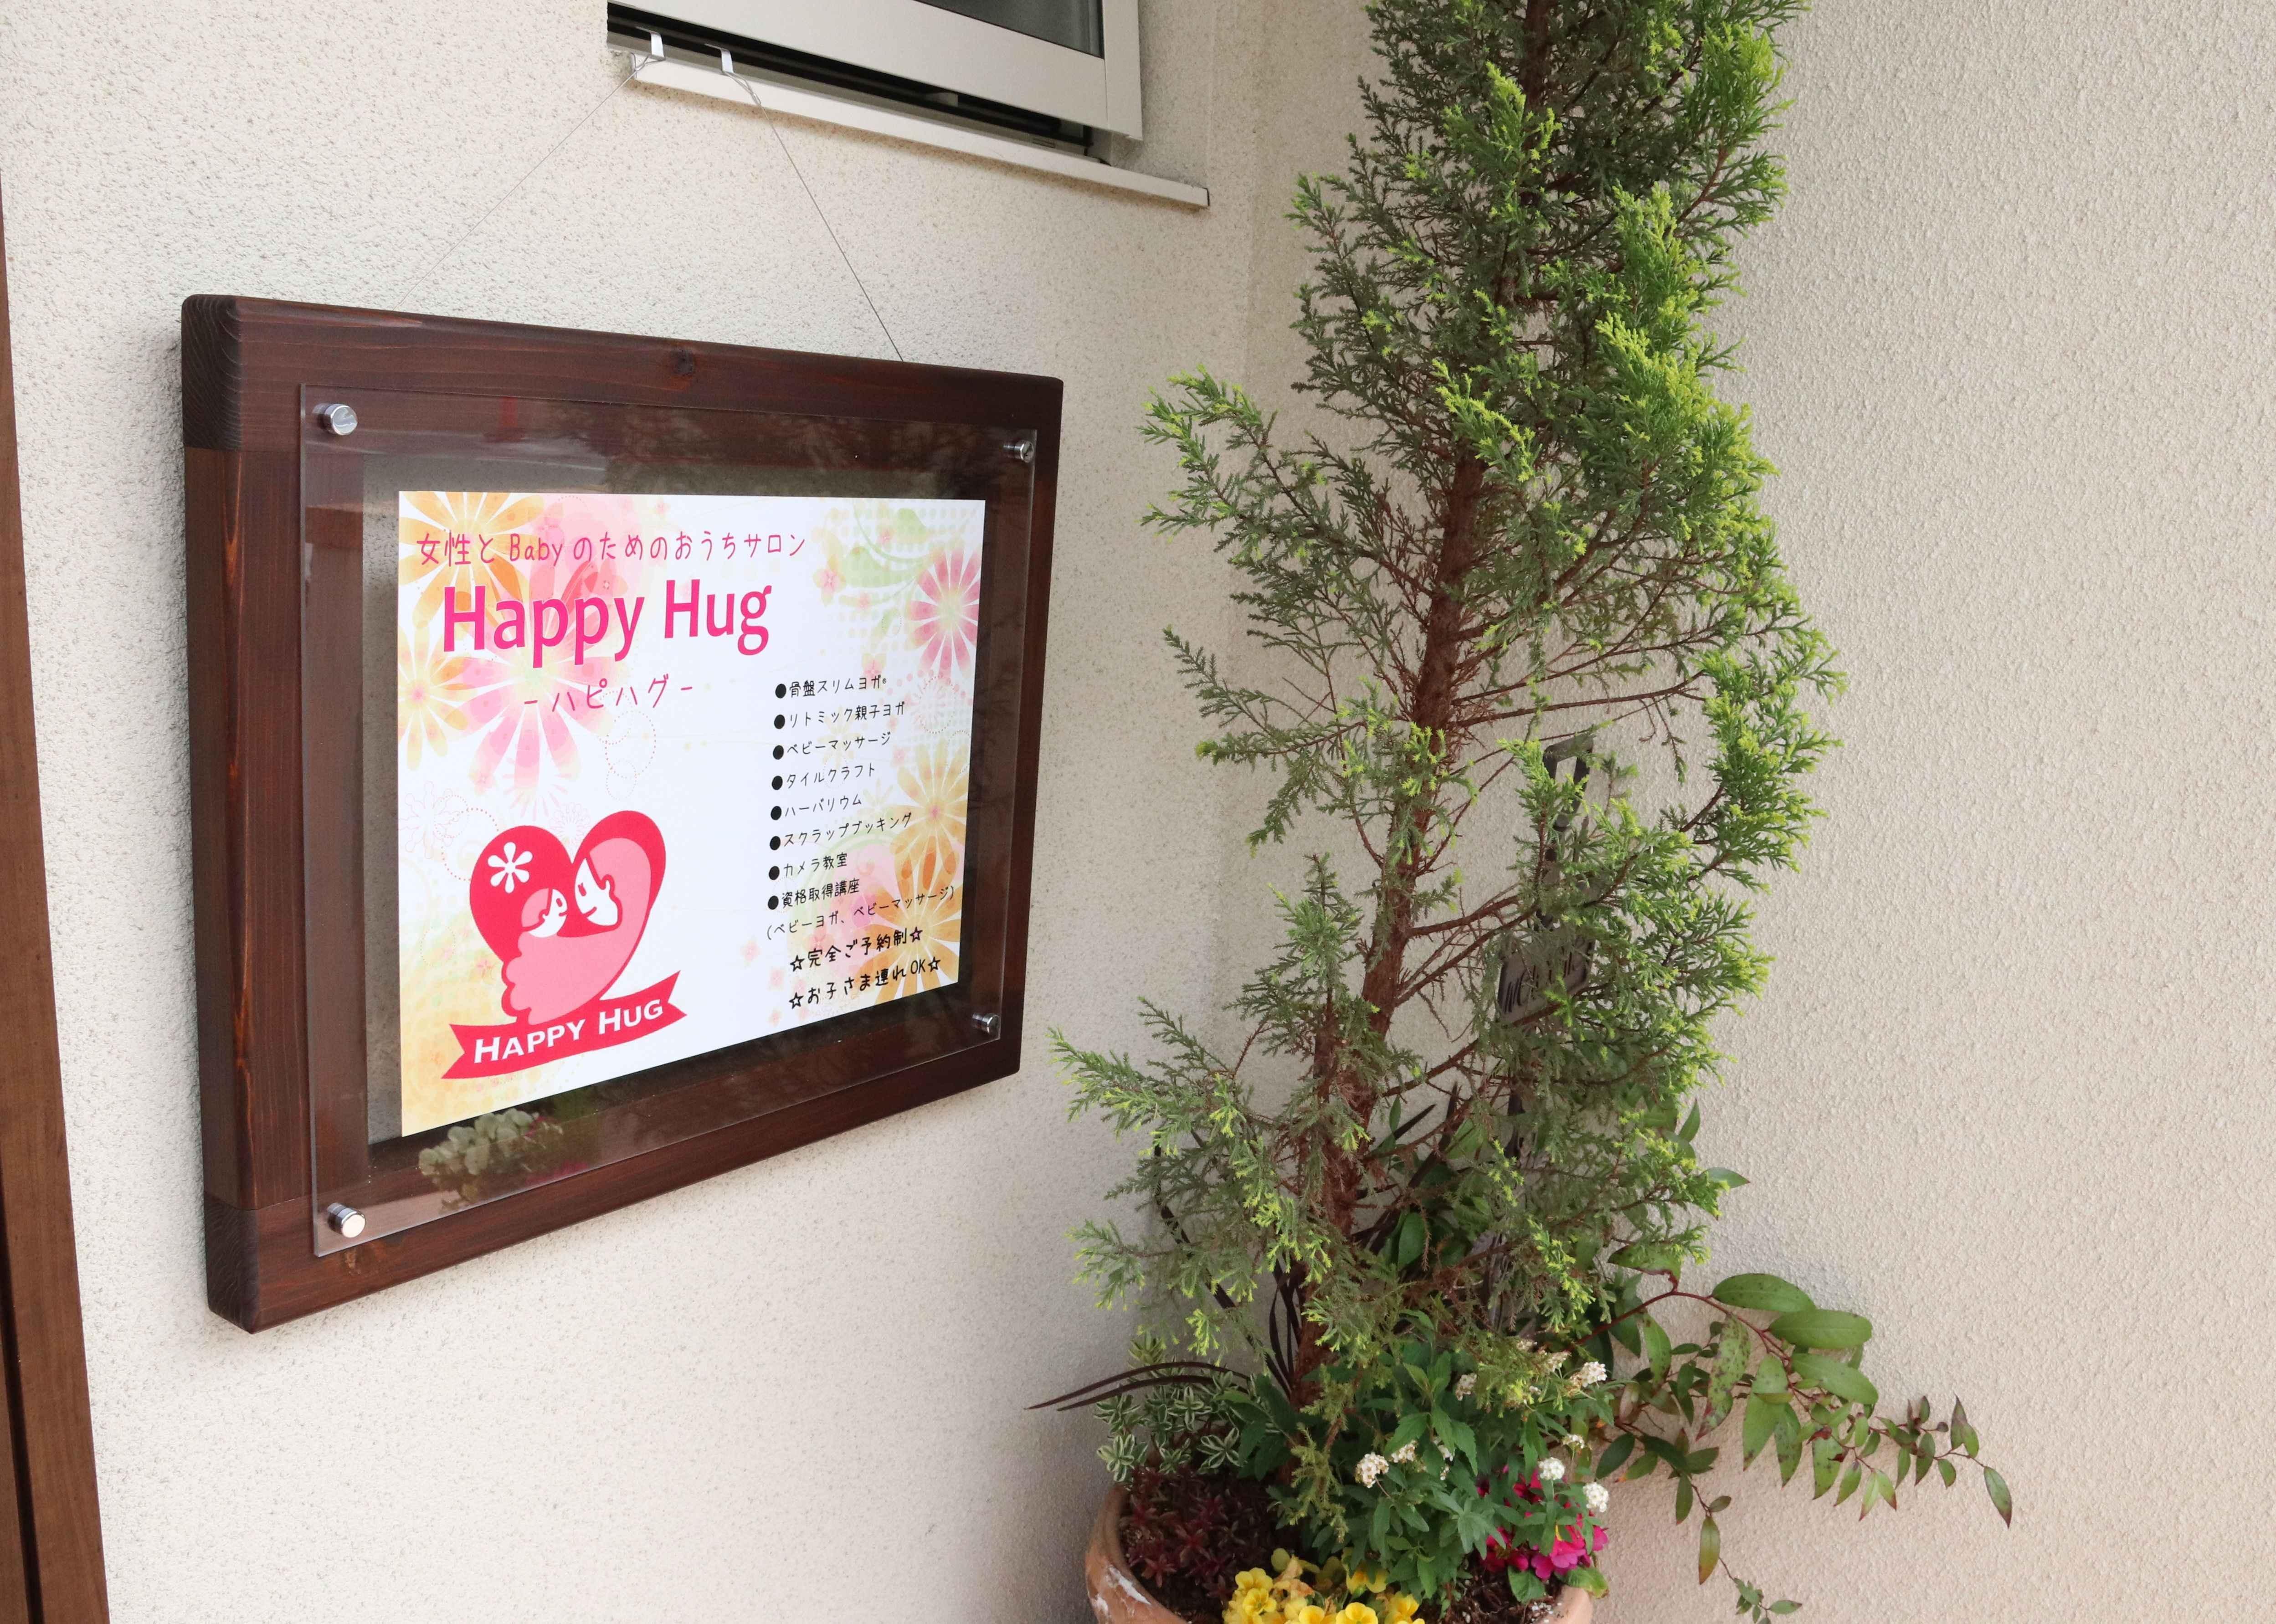 Happy Hug-ハピハグ-